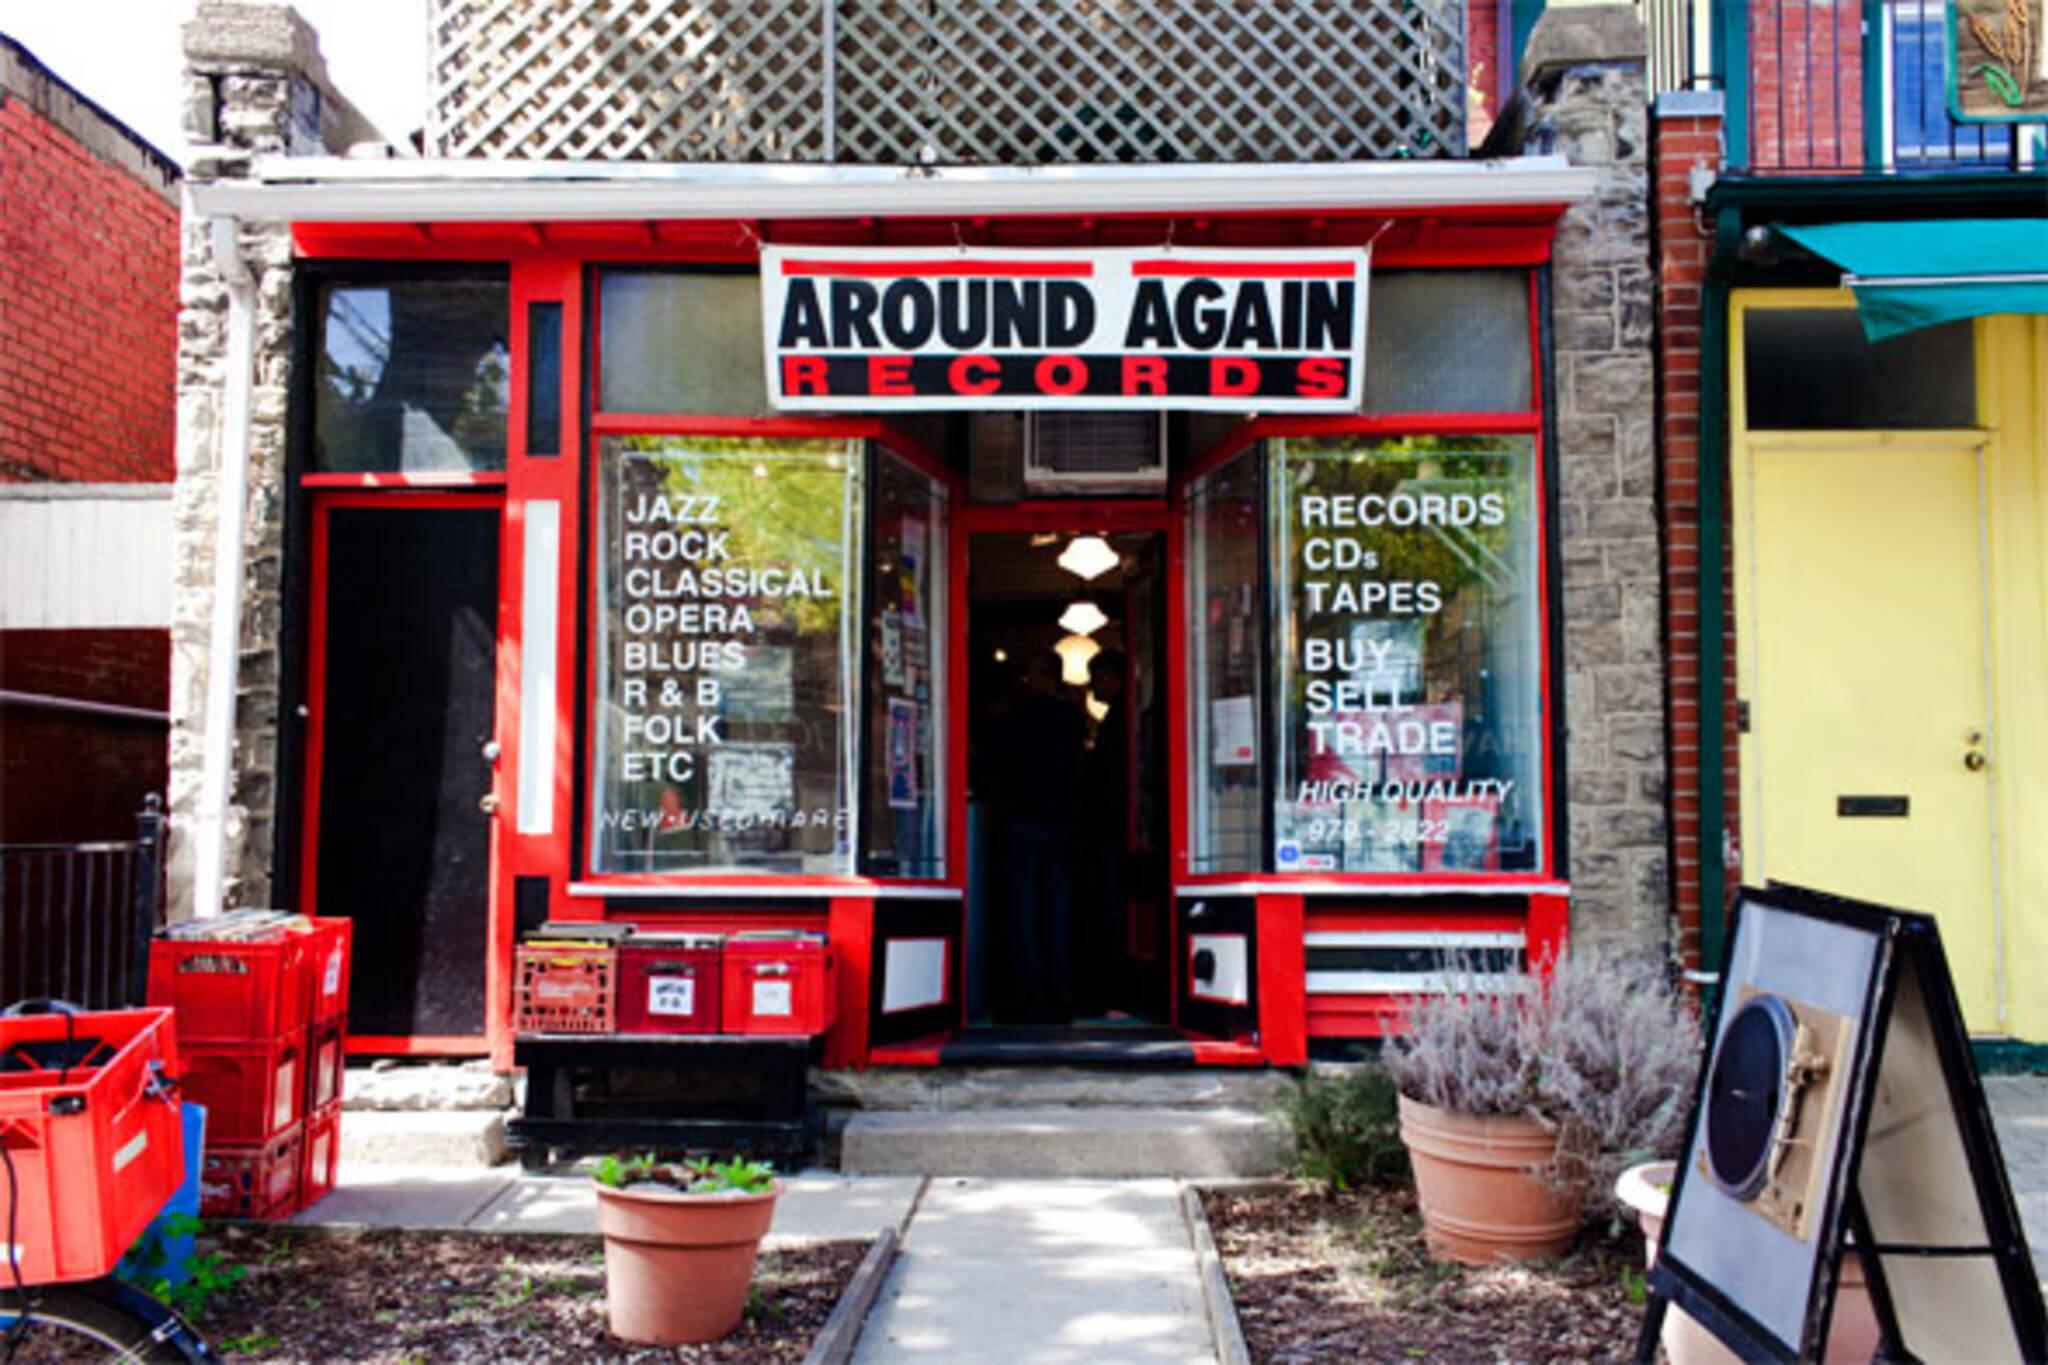 Around again records